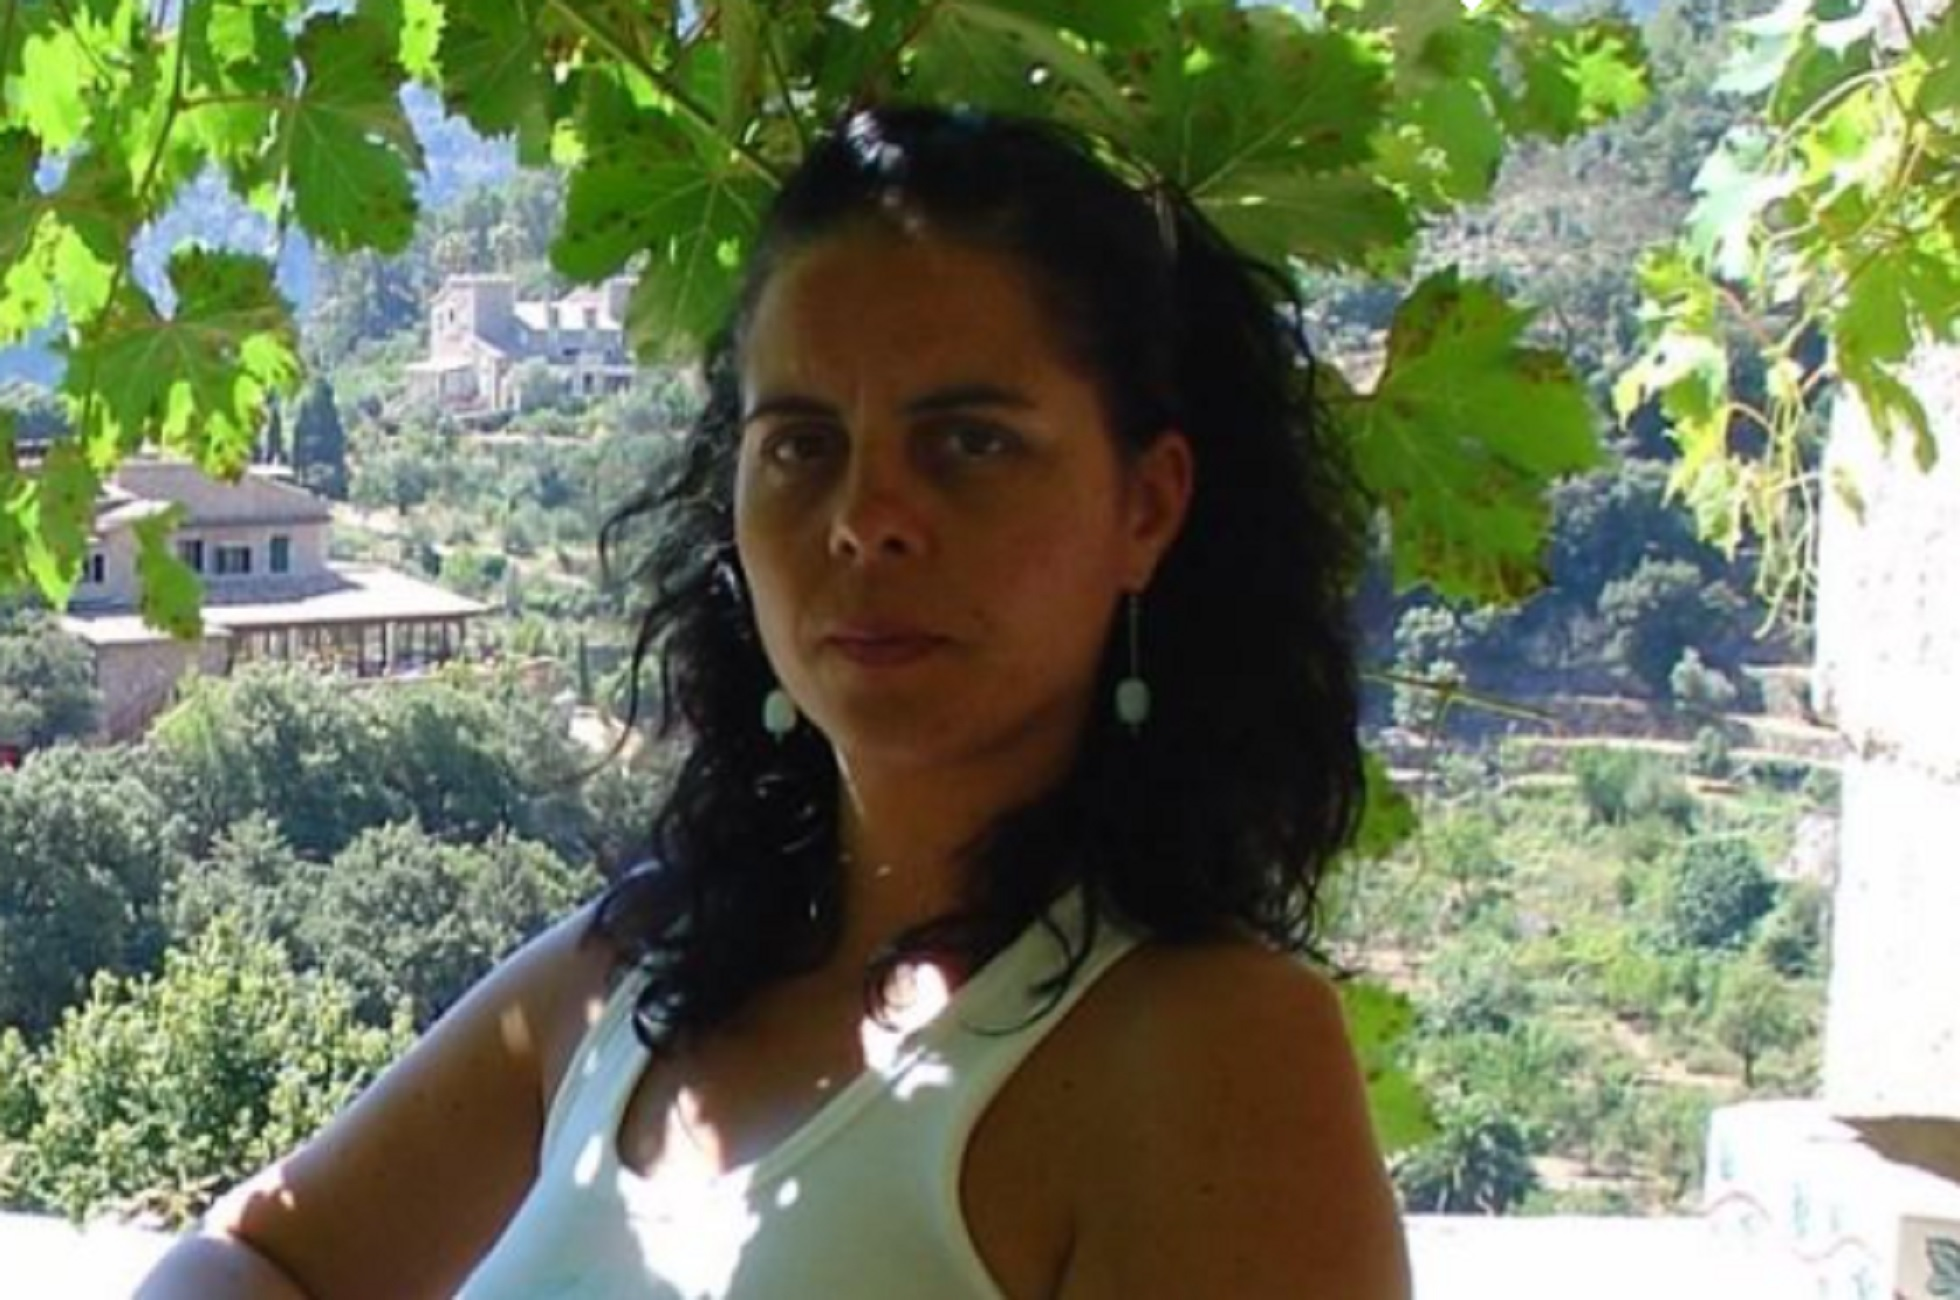 Λαμία: Πέθανε από κορονοϊό η δημοσιογράφος Γιούλη Ζυγούρη – Λύγισε στο νοσοκομείο της Χαλκίδας